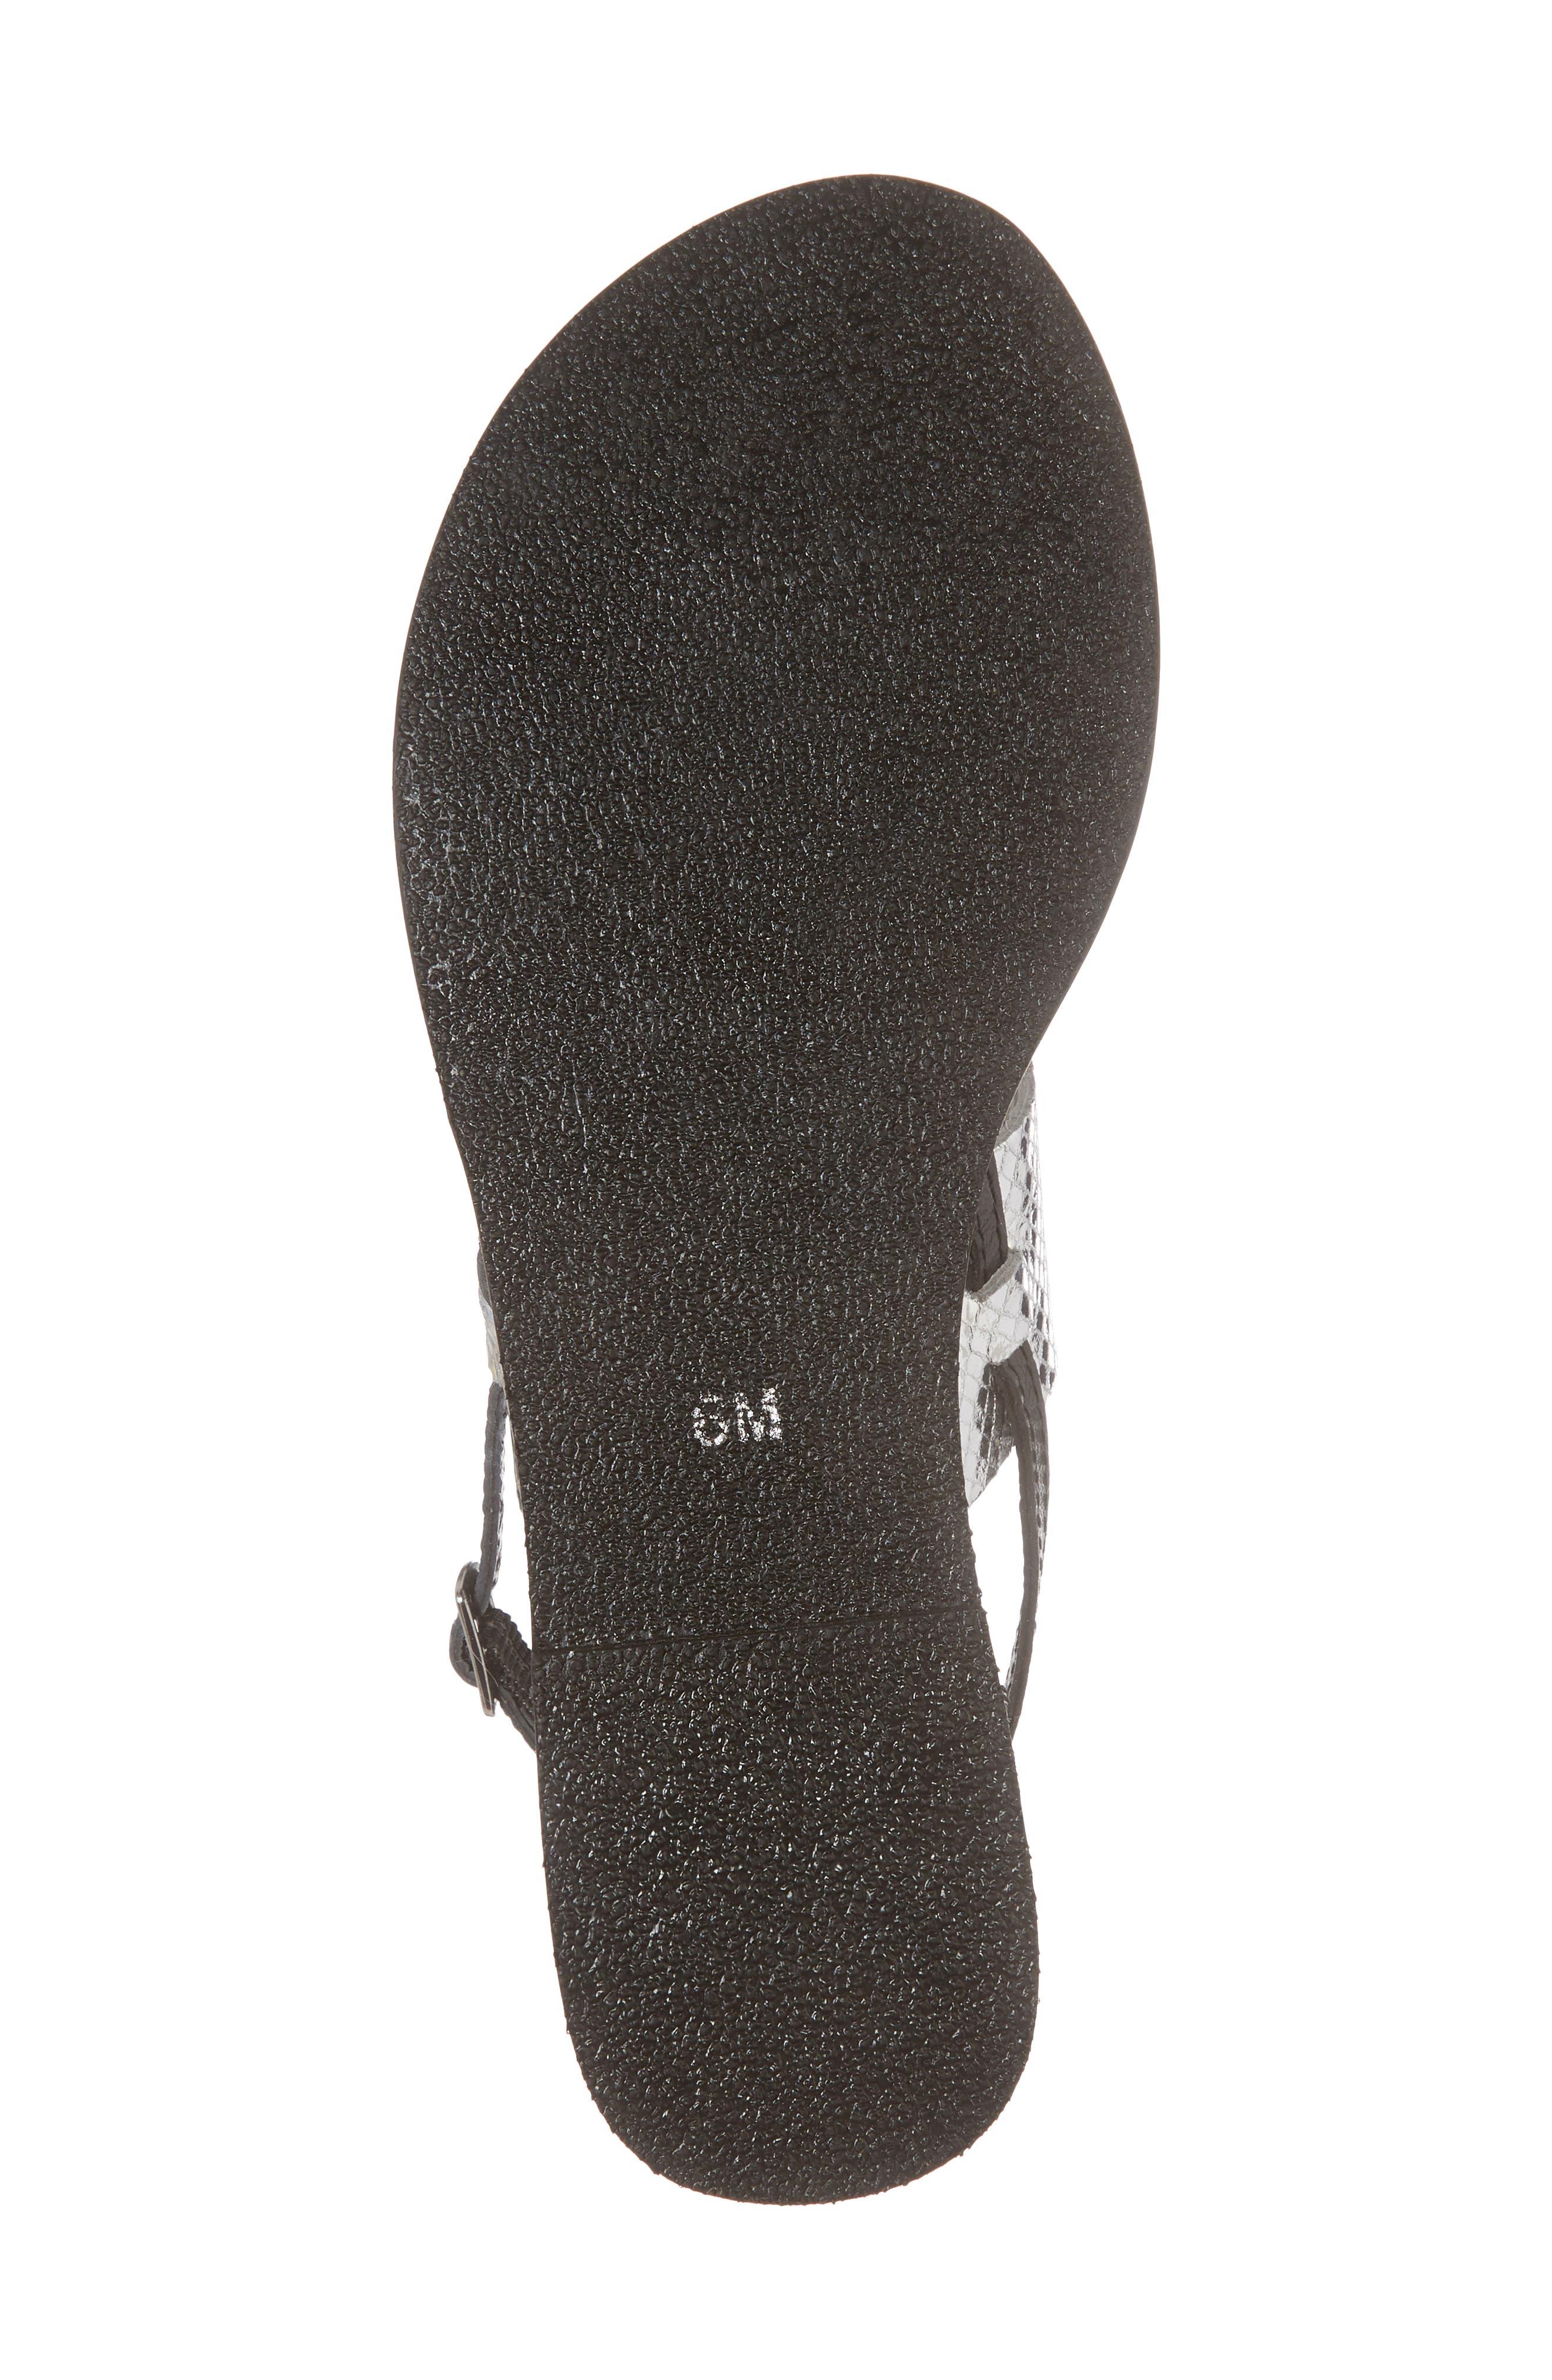 Valenti Sandal,                             Alternate thumbnail 6, color,                             Black Leather